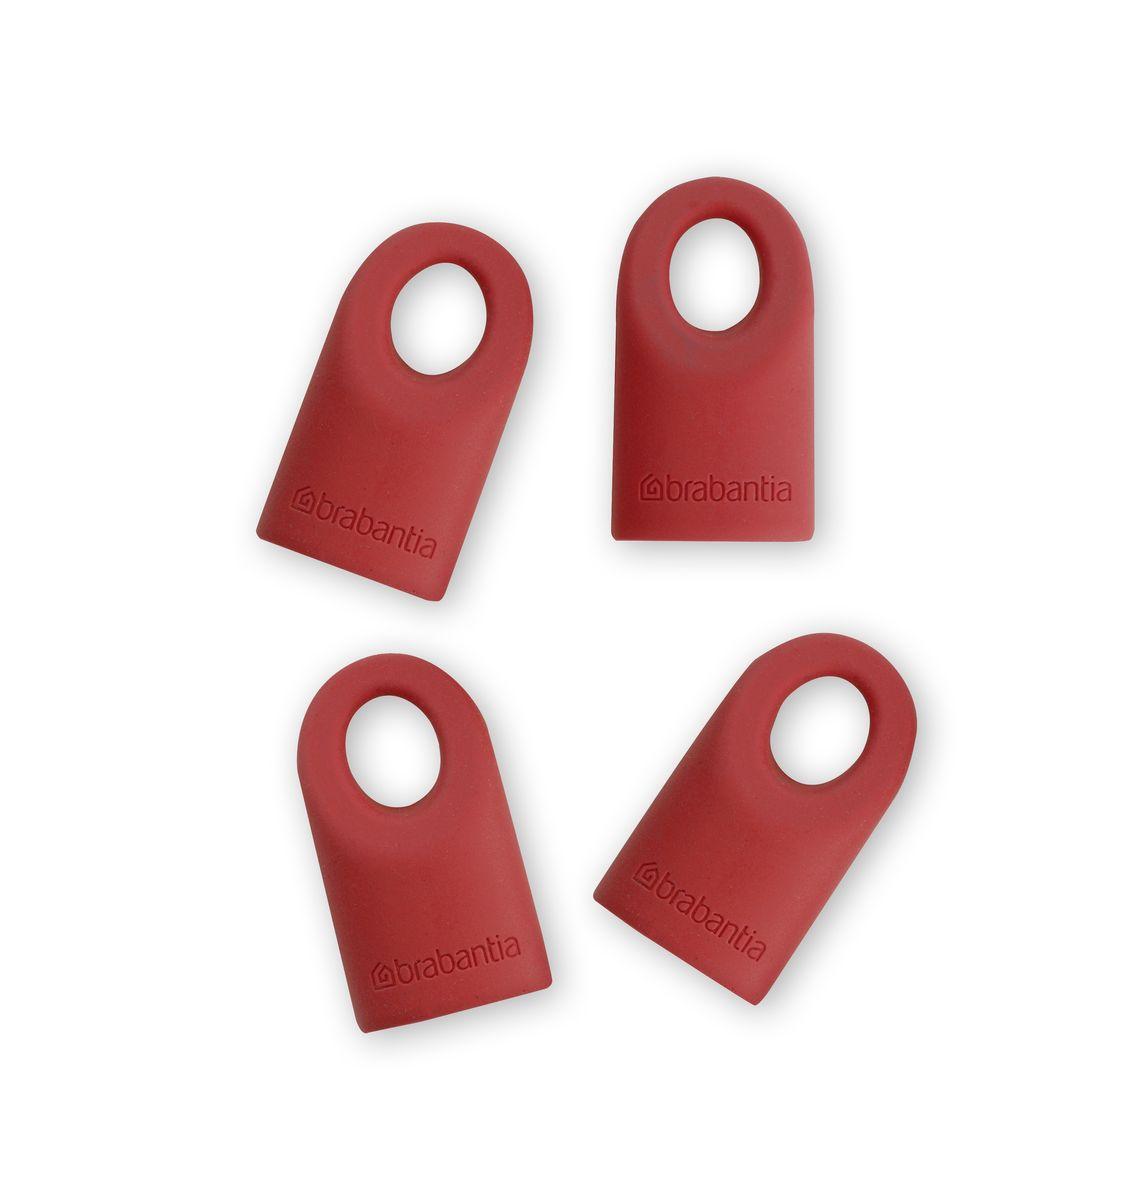 Колпачки Brabantia Accent, силиконовые, цвет: красный, 4 шт. 464003464003Съемные силиконовые колпачки для кухонных принадлежностей серии Accent. Новый цветовой акцент – просто смените колпачок.Удобная очистка – можно мыть в посудомоечной машине.